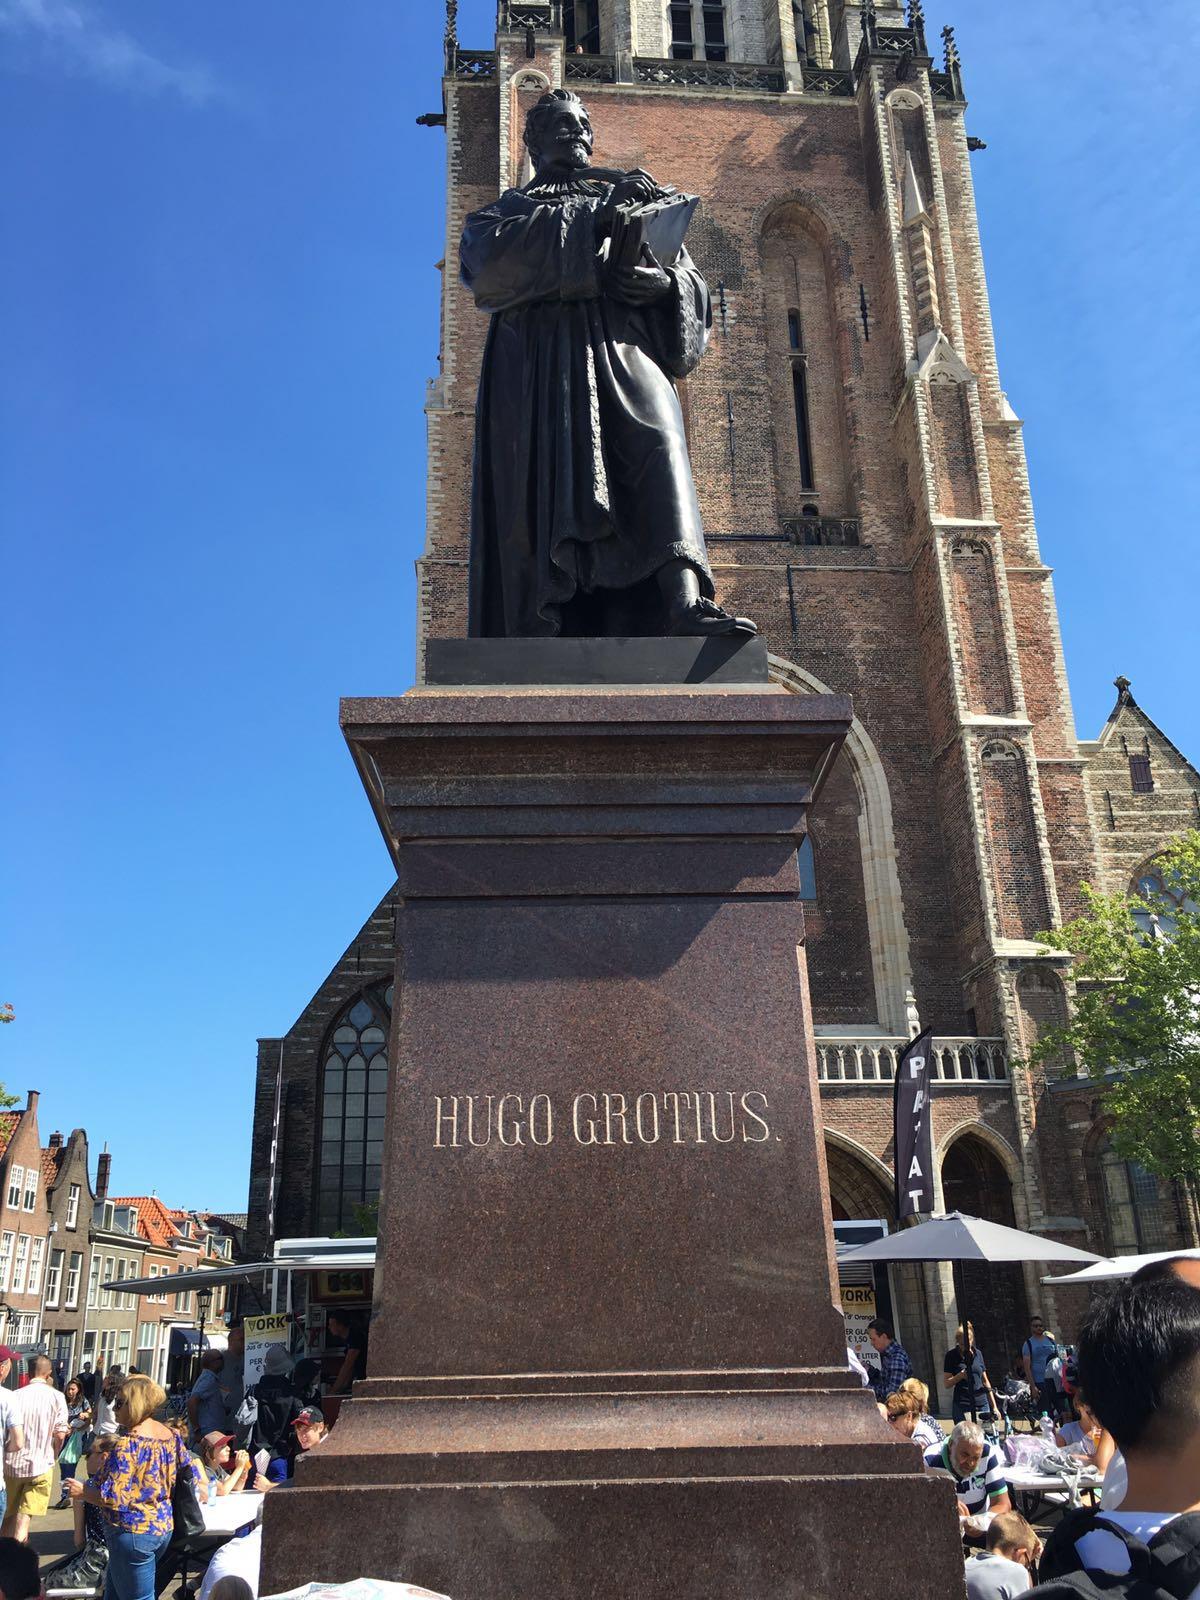 Famillieë de Groot hat e nui mitjlied jevónge